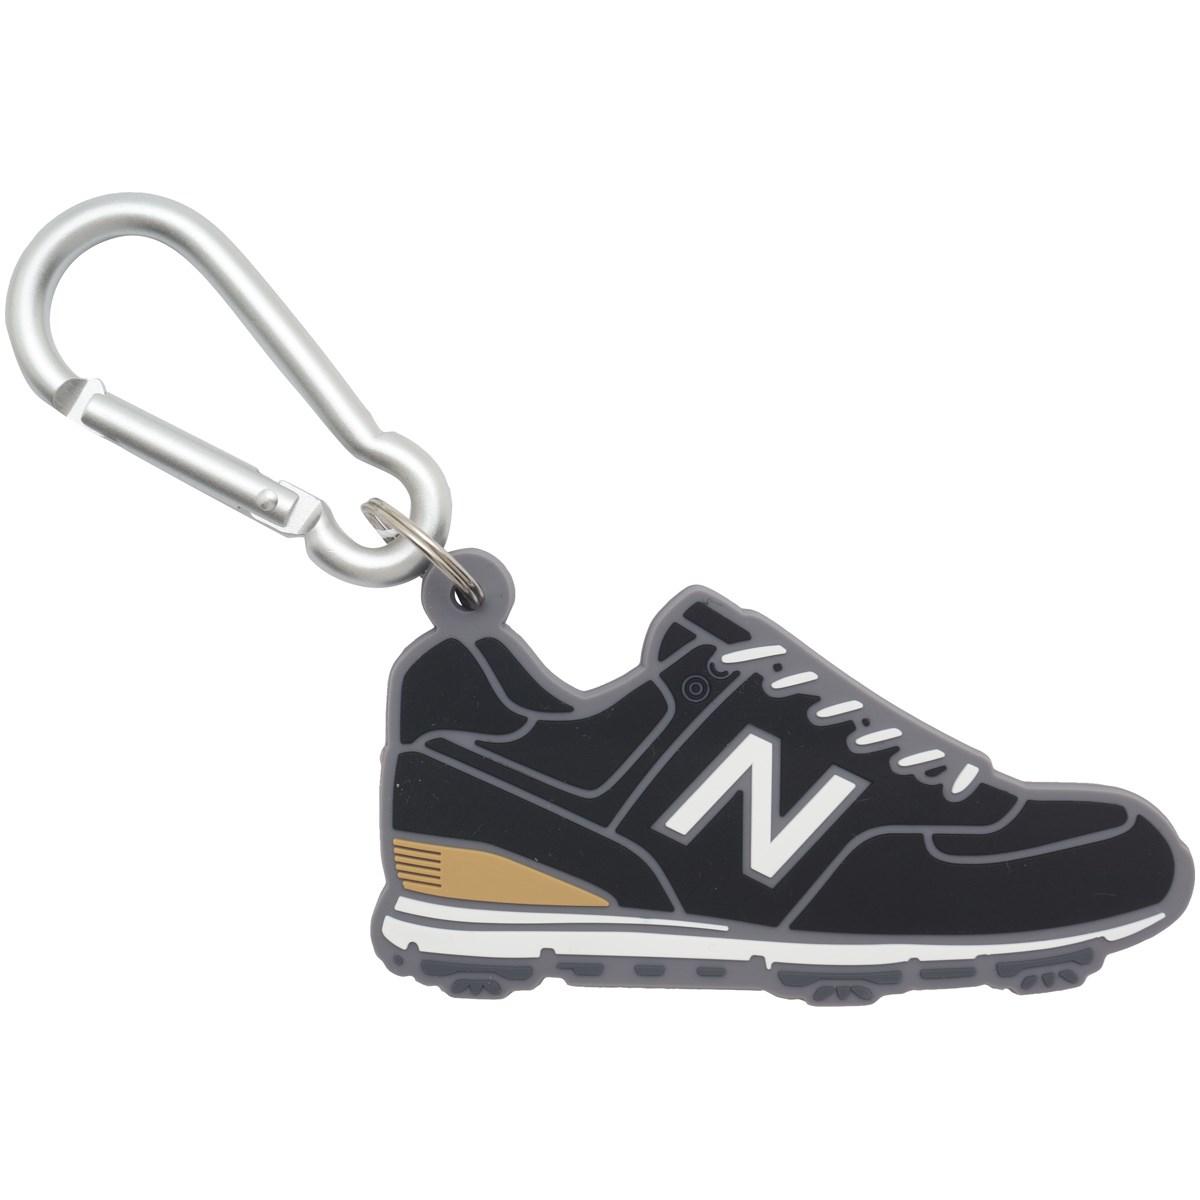 ニューバランス New Balance METRO シリコンフットウェア ネームプレート ブラック 010